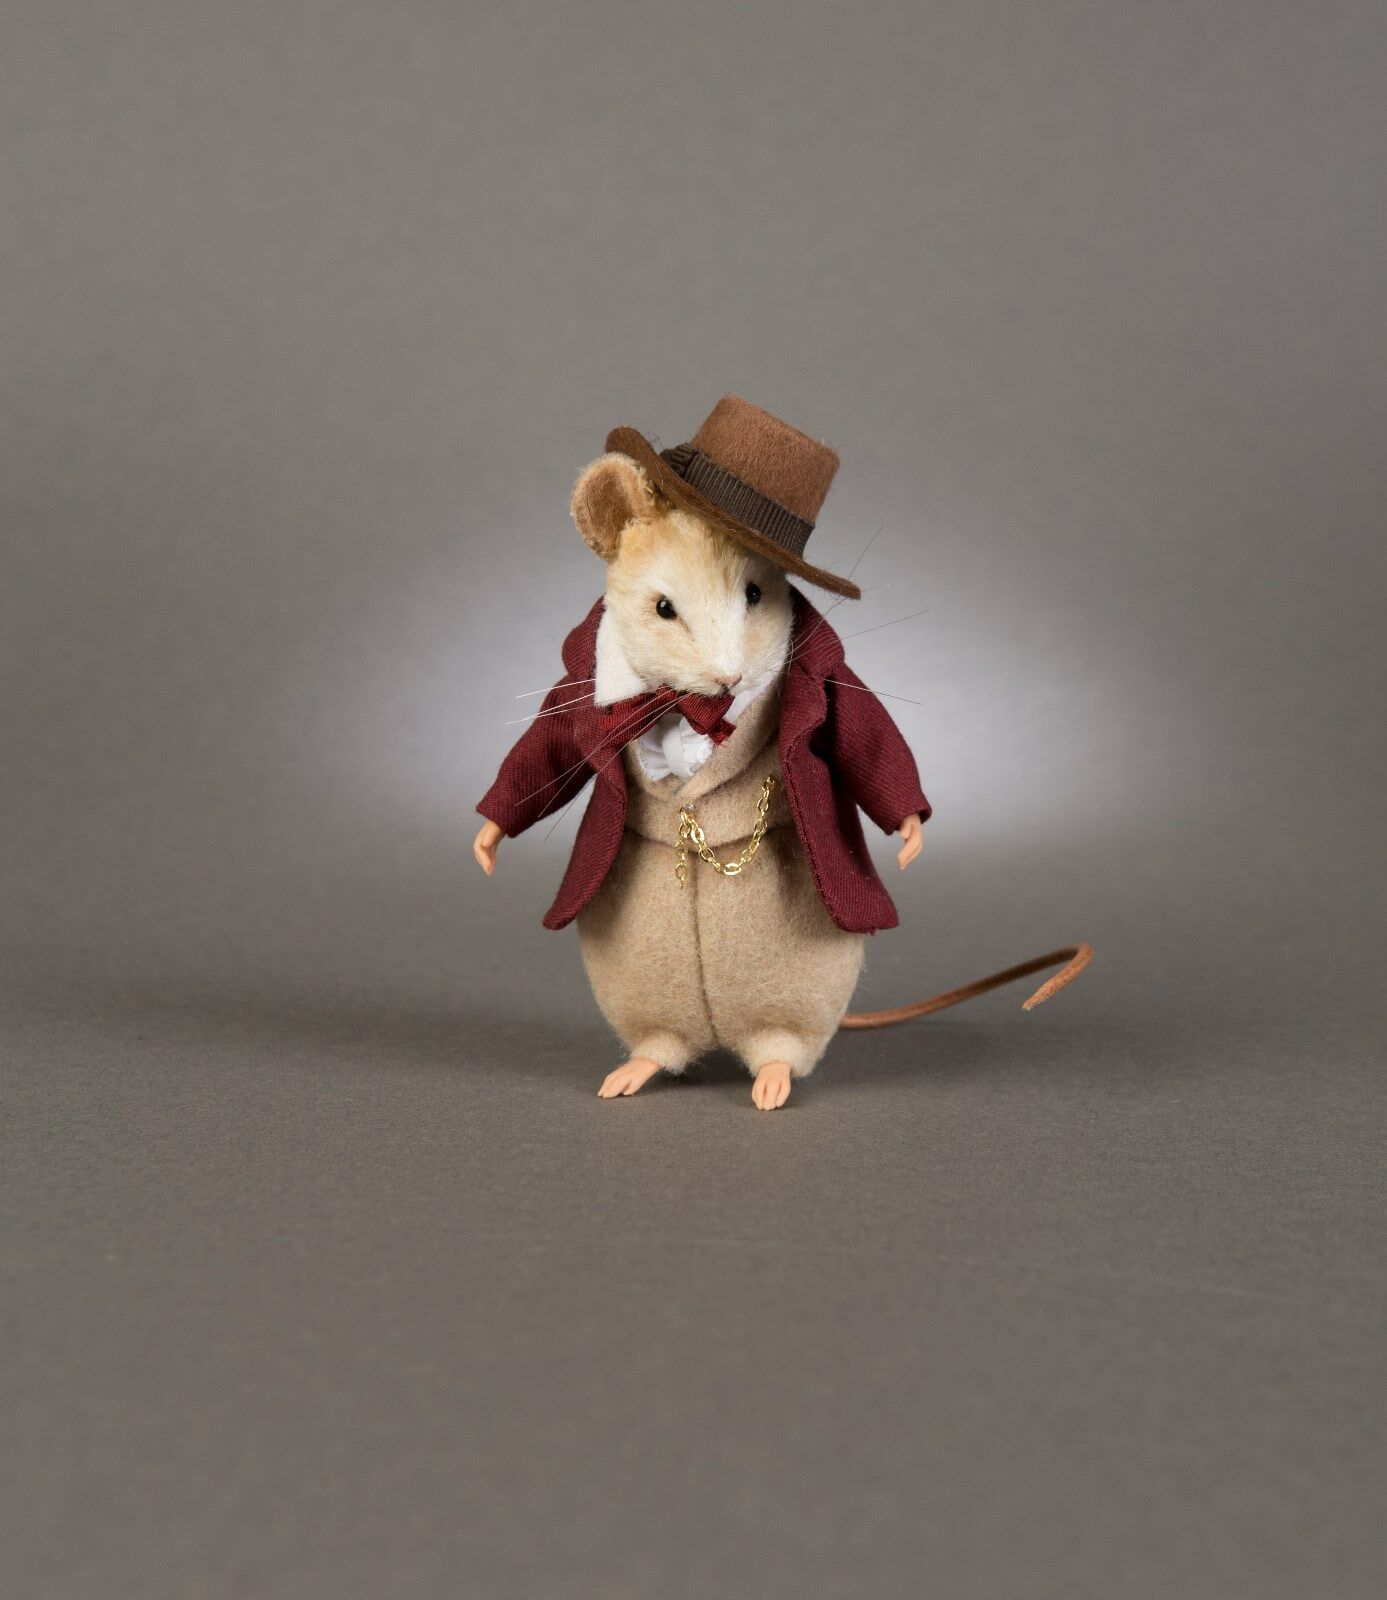 R John Wright Ashley ido con el viento ratones Muñeca de colección hechos en EE. UU. hecho a mano